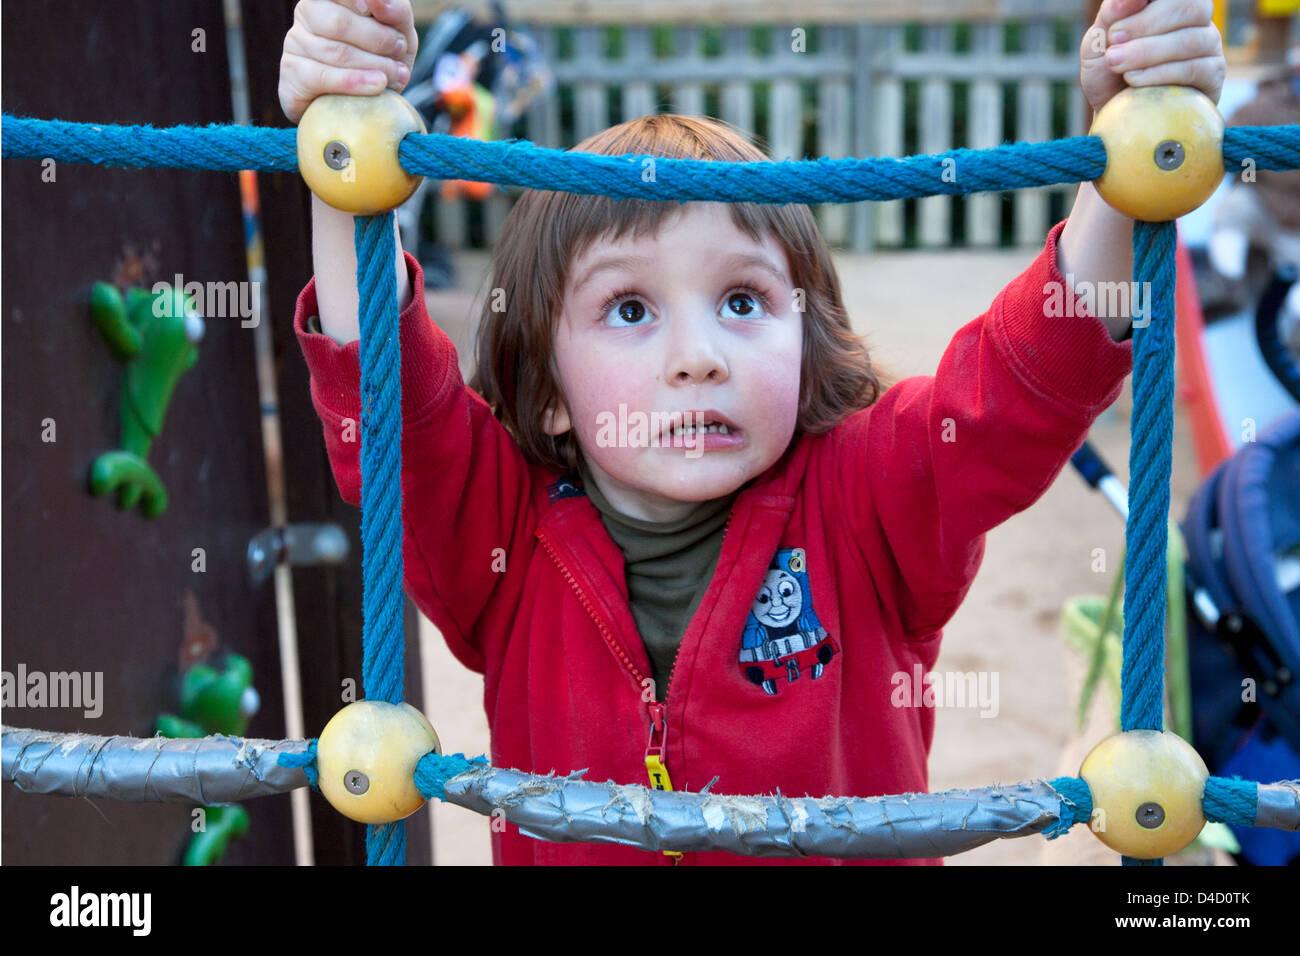 Klettergerüst Mit Seilen : 4 jahre alter junge am seil klettergerüst stockfoto bild: 54375795